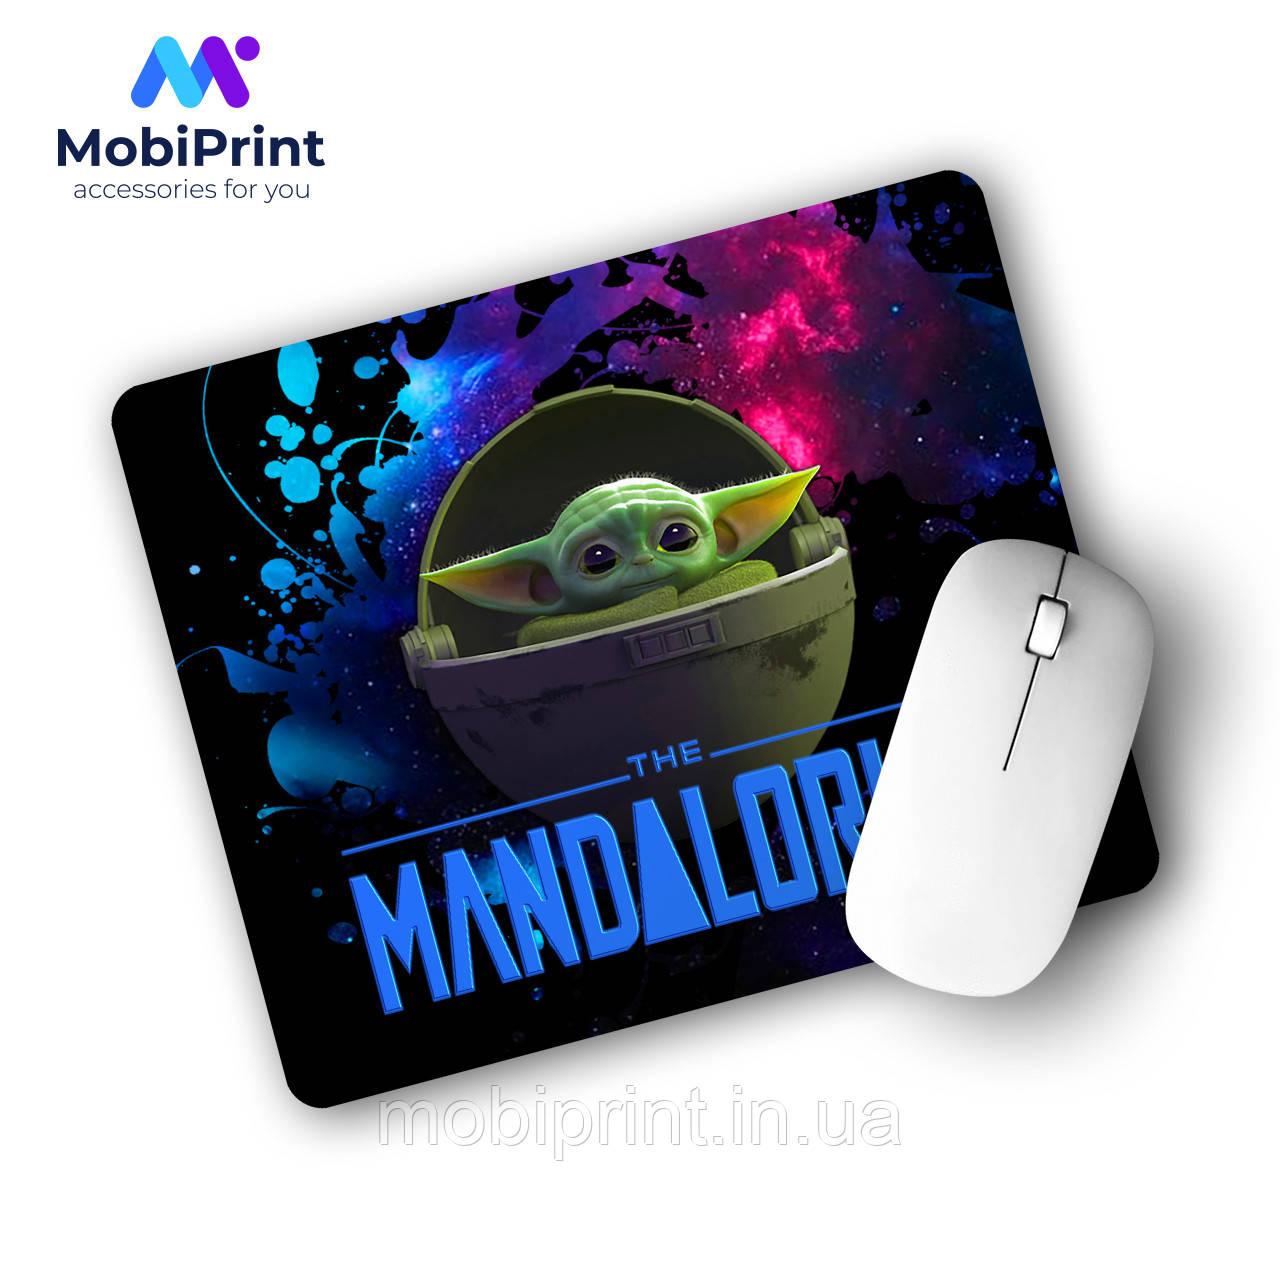 Килимок для мишки Мандалорец (The Mandalorian) (25108-1328)